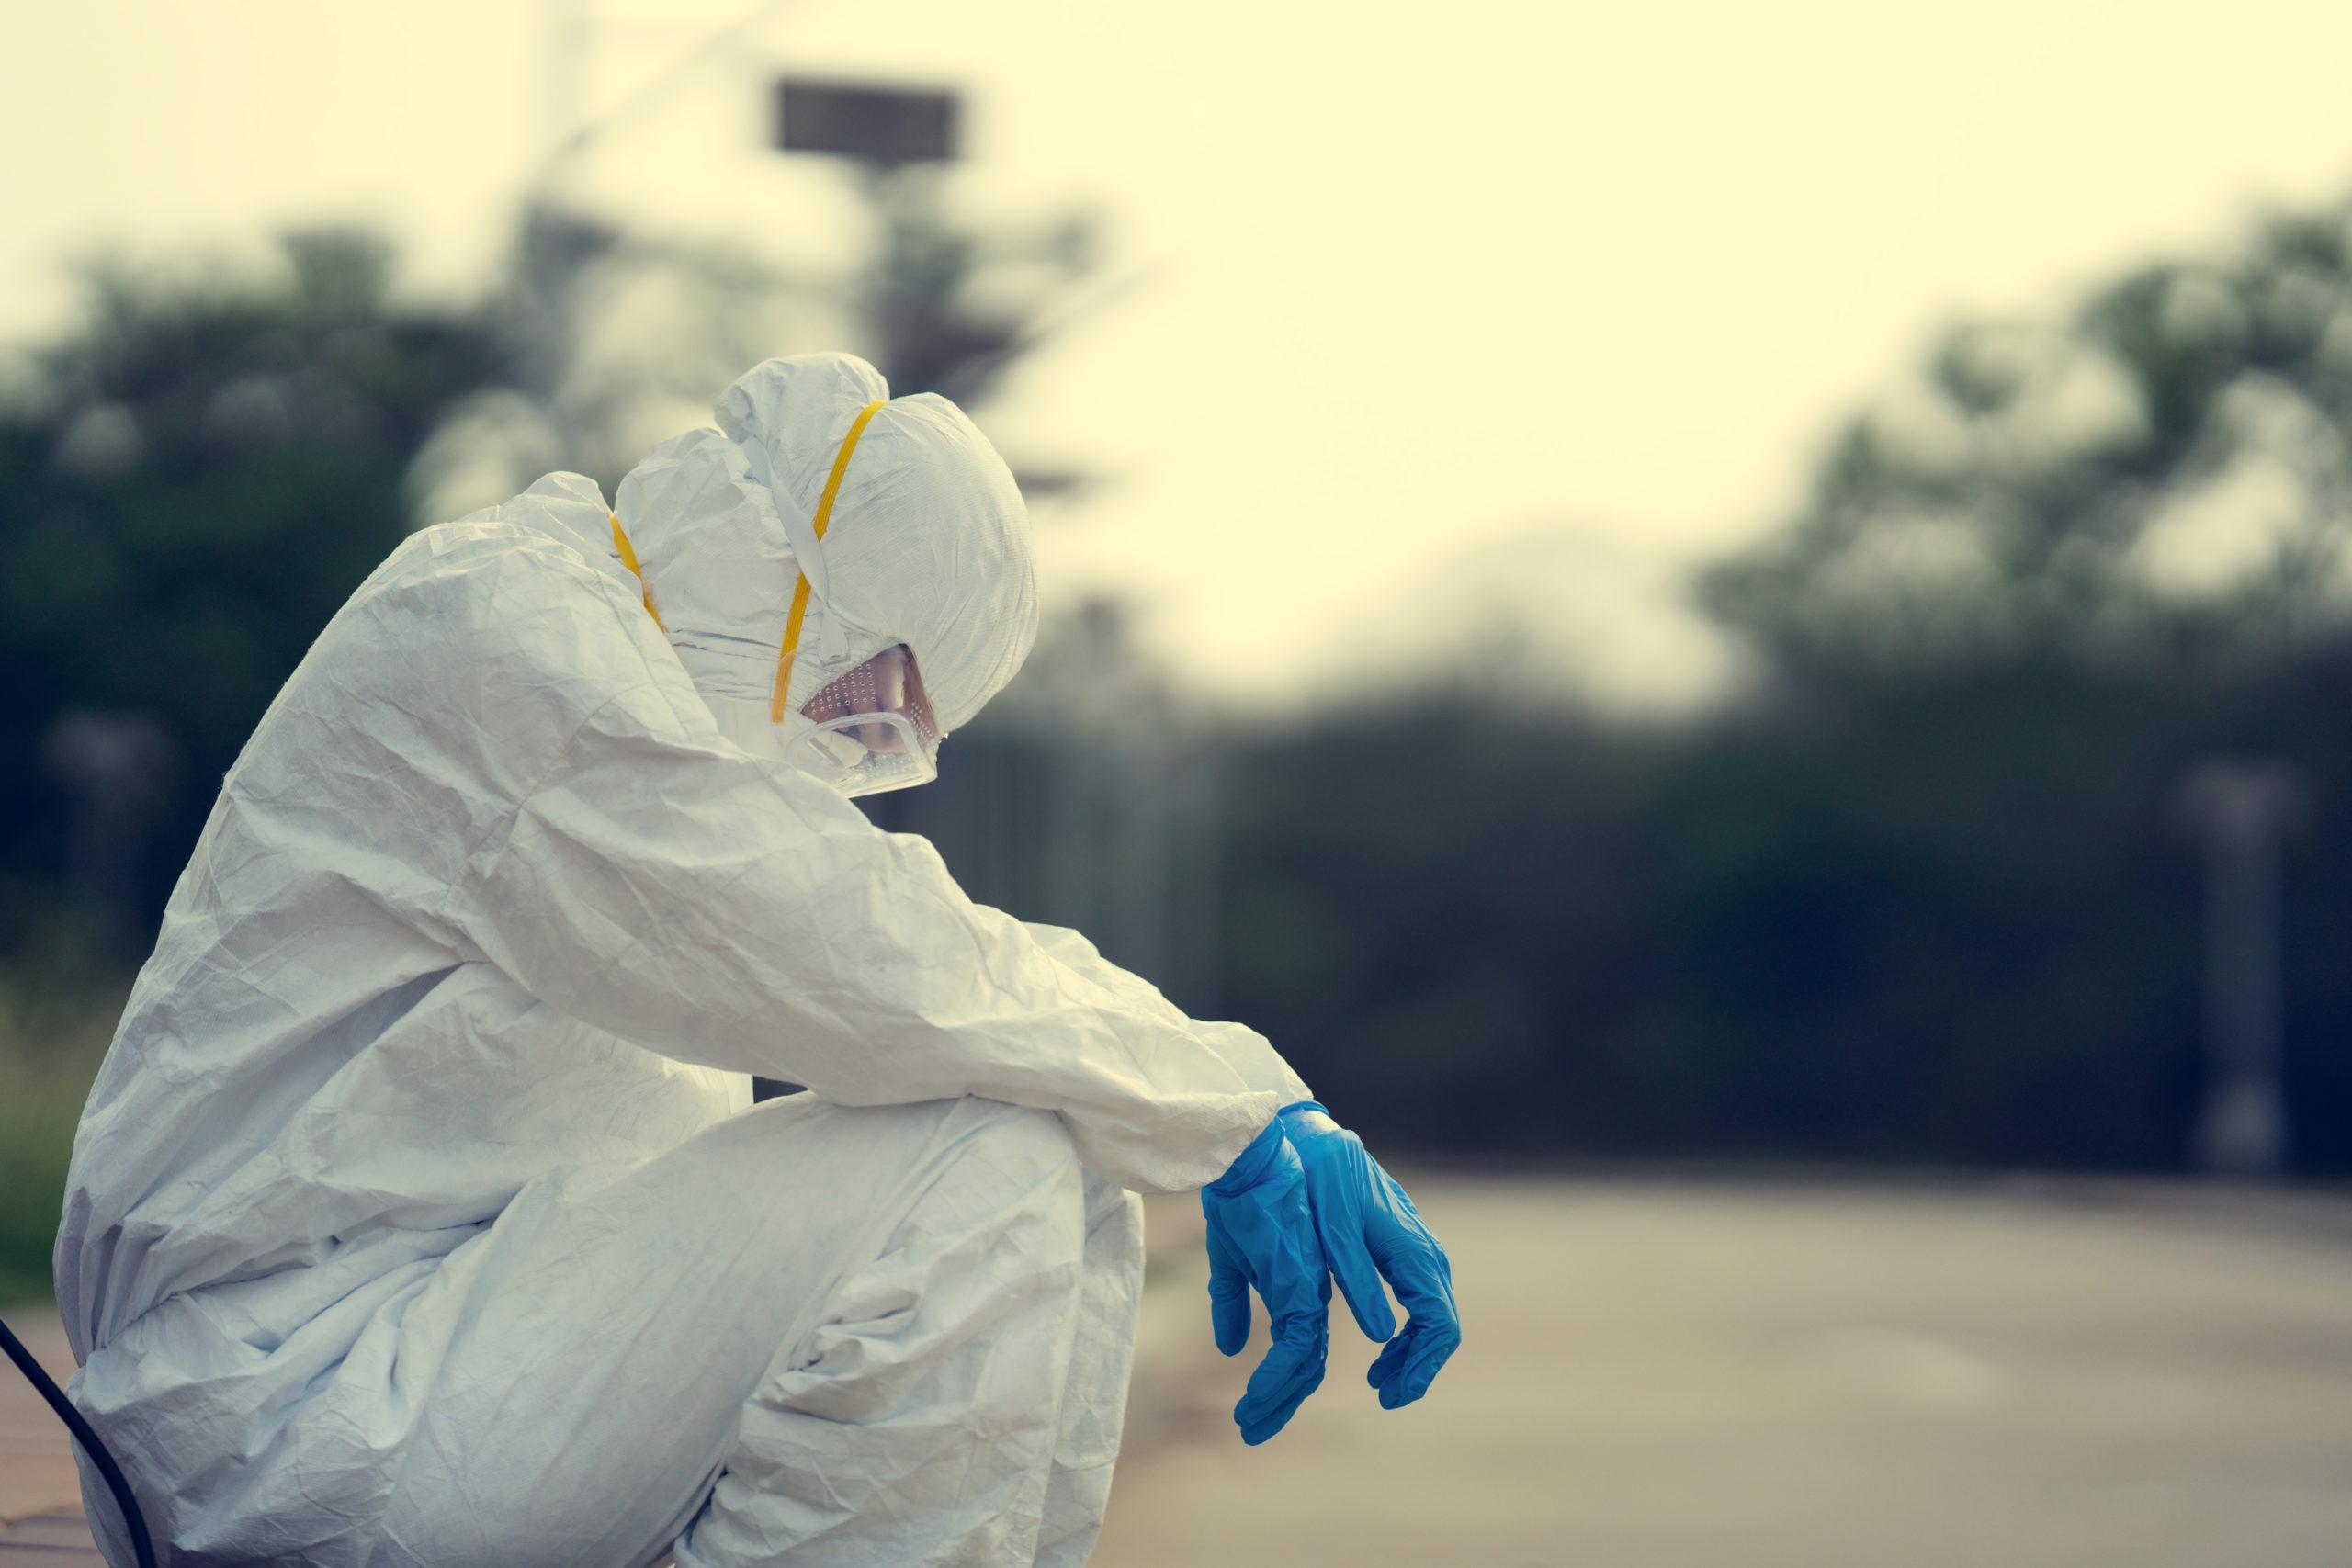 La OMS advierte que el coronavirus está empeorando a nivel mundial